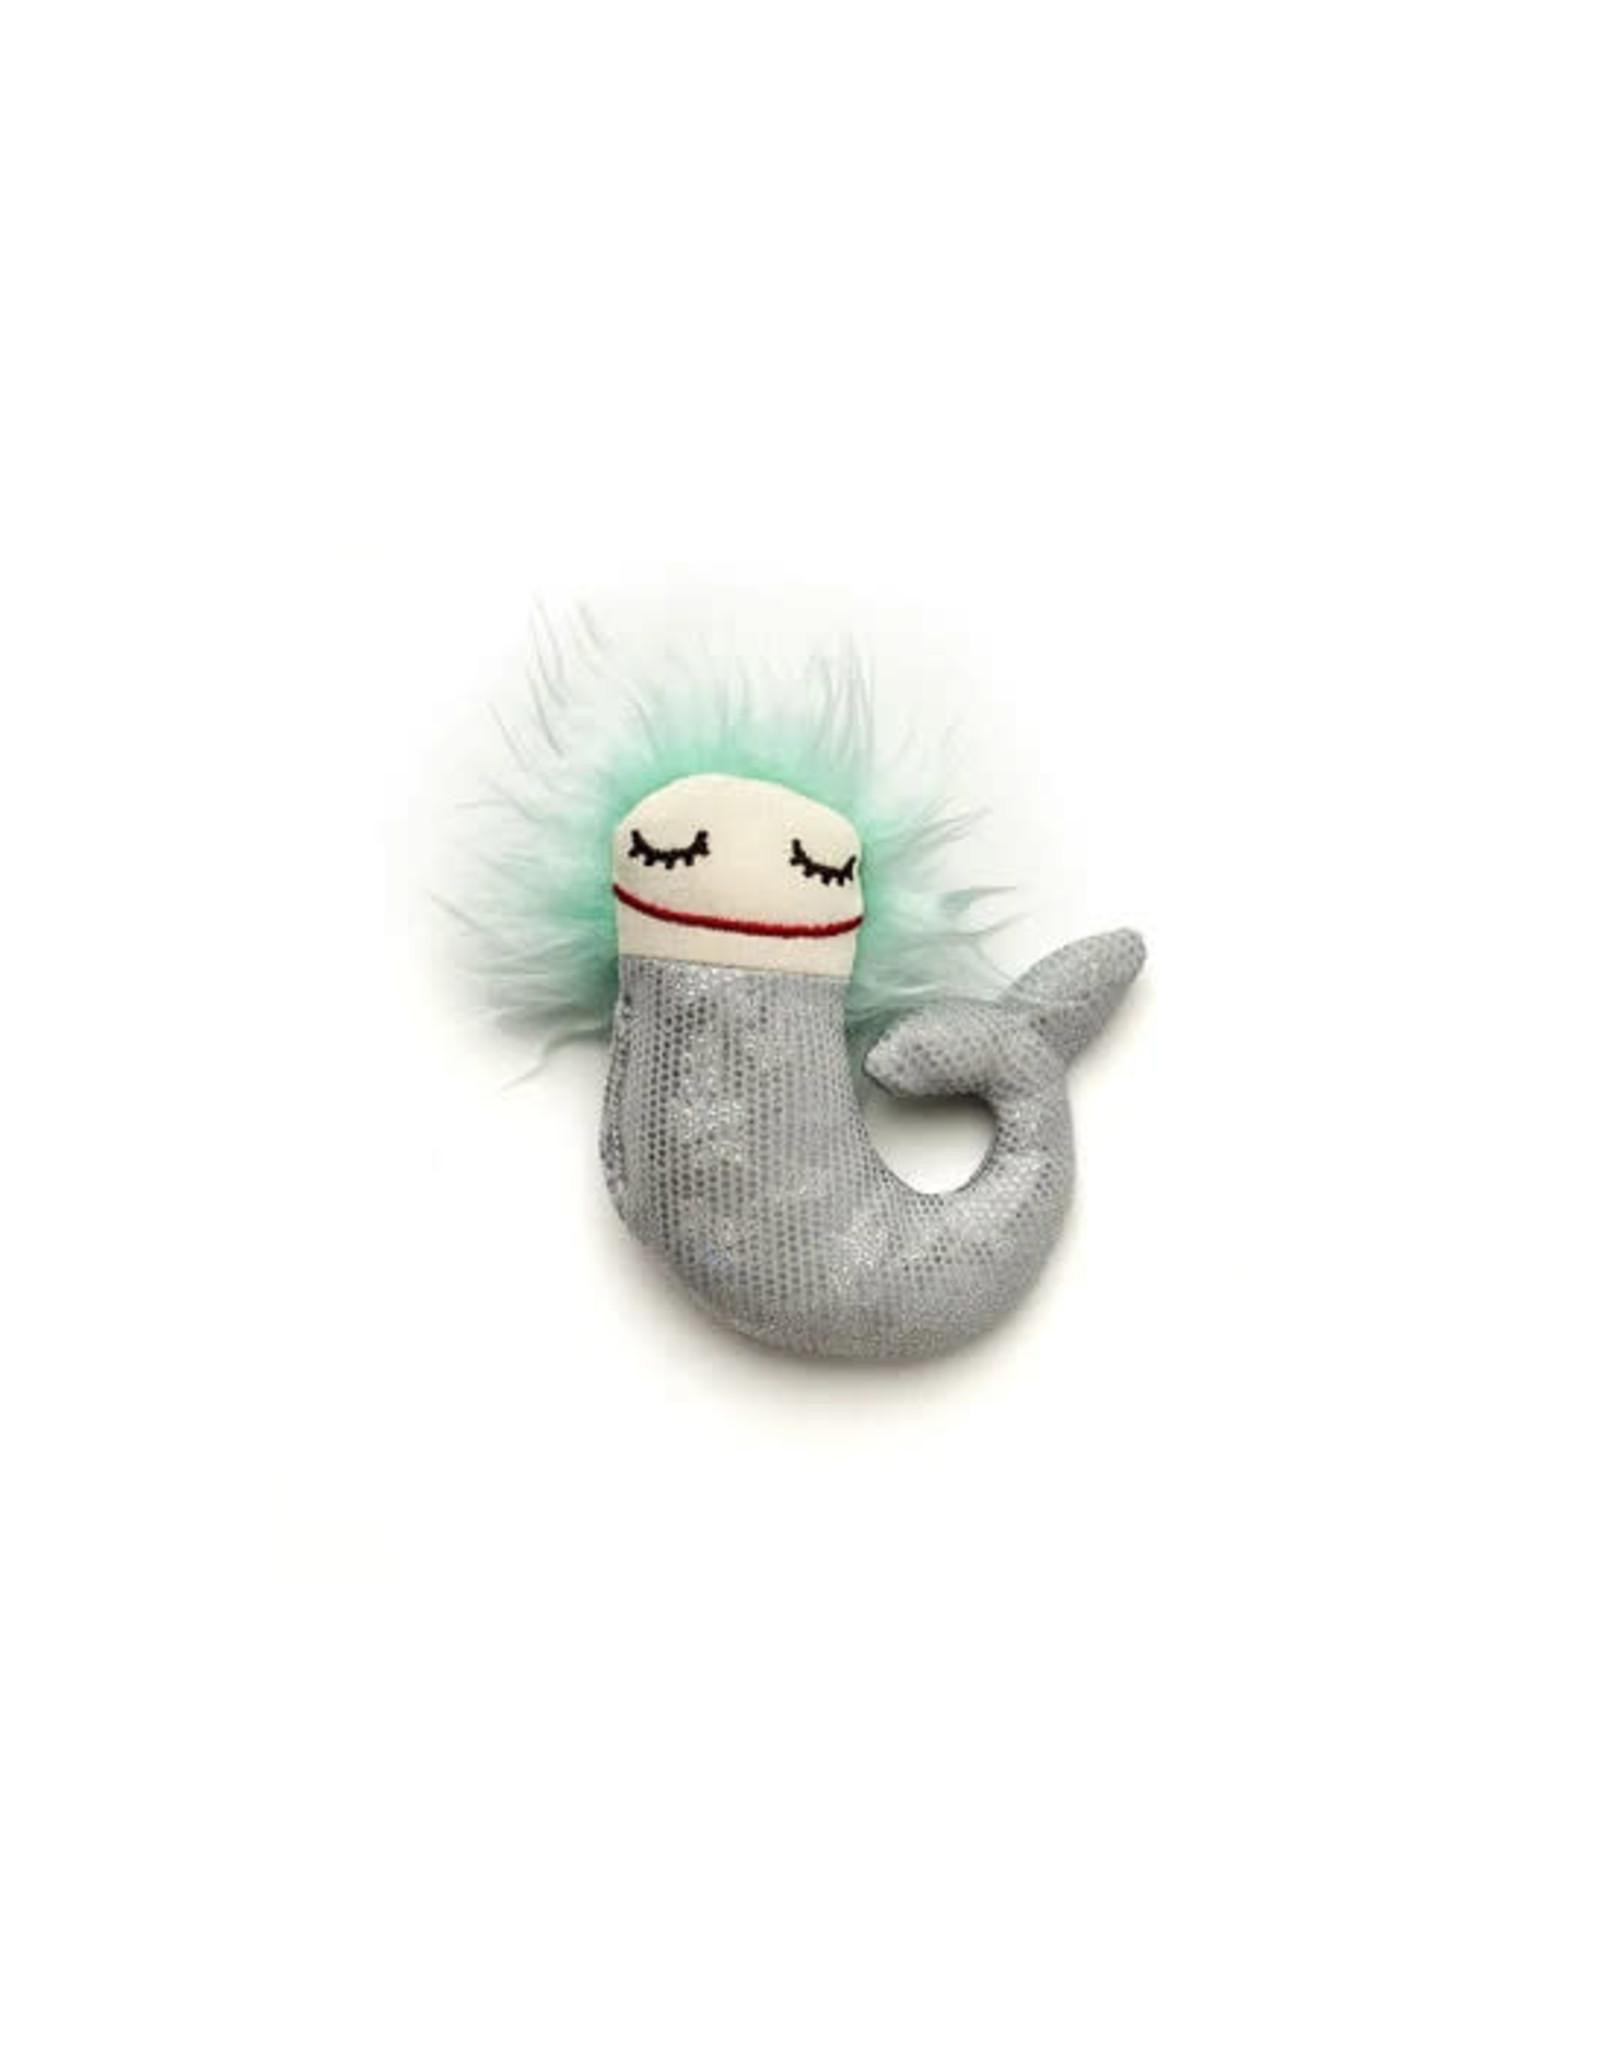 Raplapla Bébé Sirène Raplapla Argent/ Cheveux turquoise et les yeux fermés